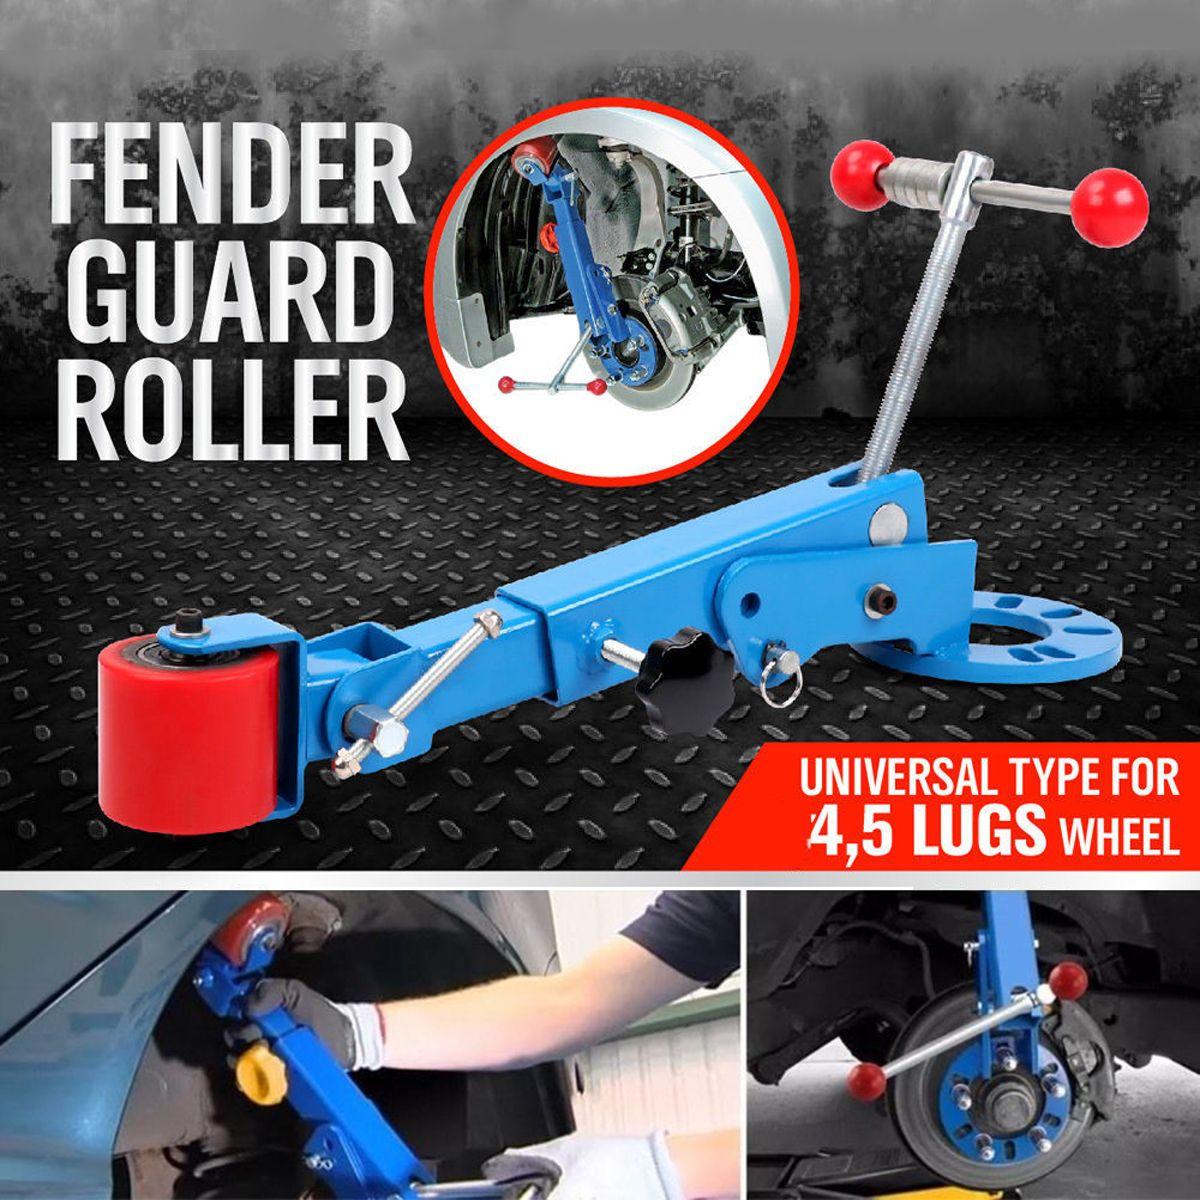 Rolle für Fender Reform Verlängerung Werkzeug Rad Arch Roller Abfackeln Ehemaligen Schwere Holz Maschinen Teile